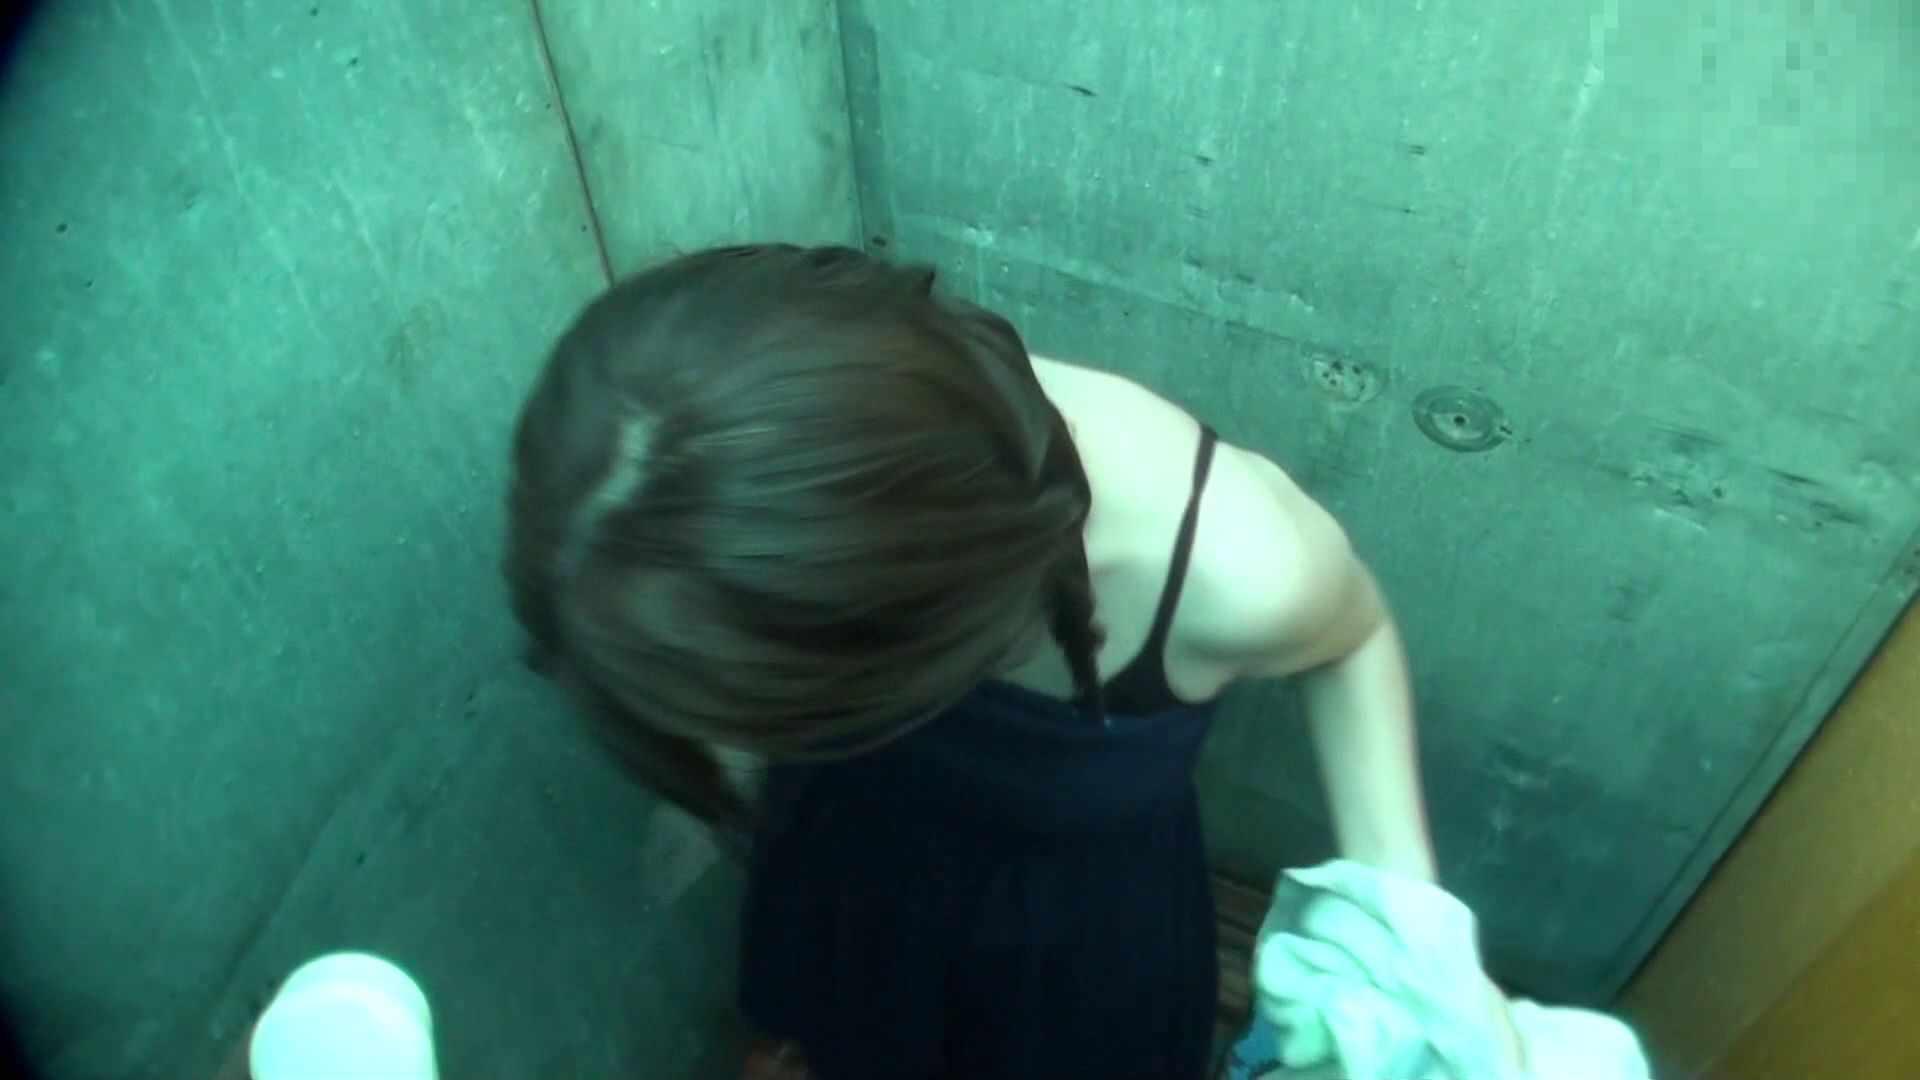 シャワールームは超!!危険な香りVol.12 女性のおまんこには予想外の砂が混入しているようです。 高画質   おまんこモロ出し  61pic 15